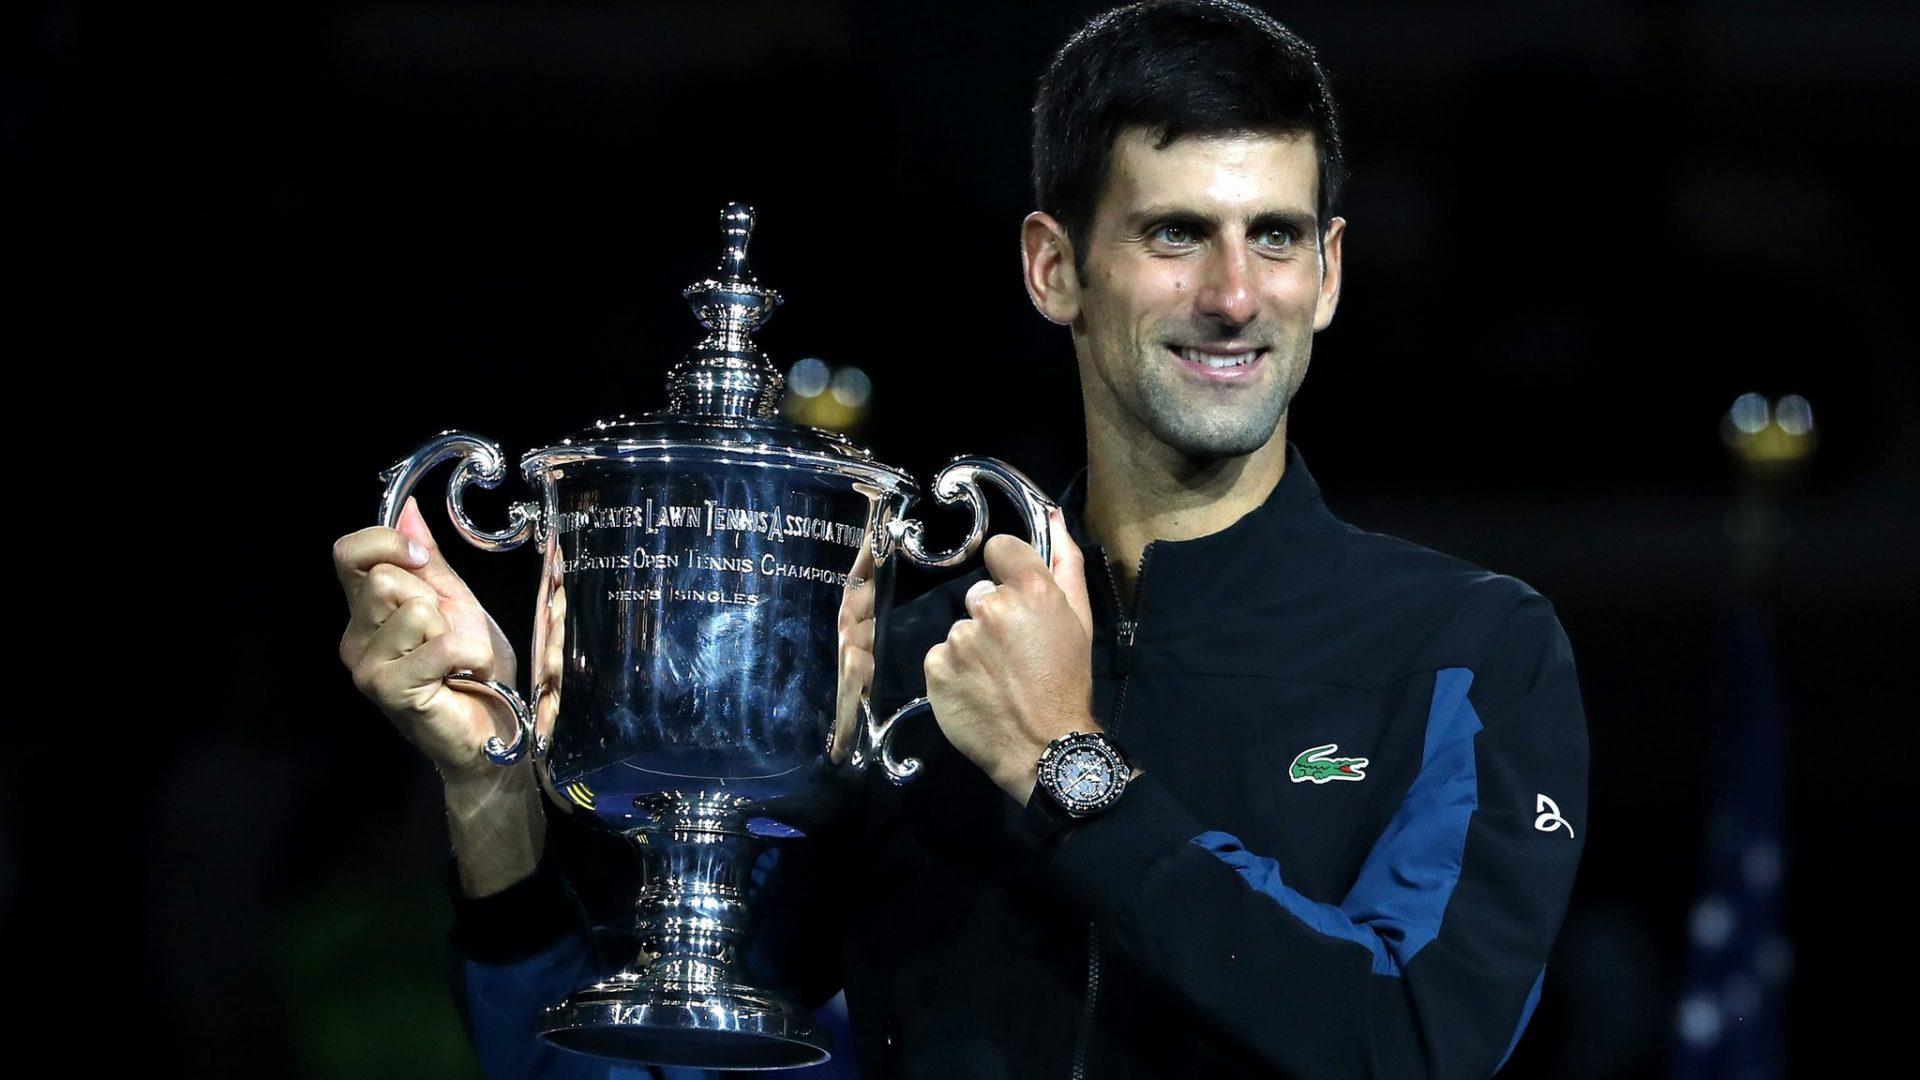 17 Time Grand Slam Champion Novak Djokovic